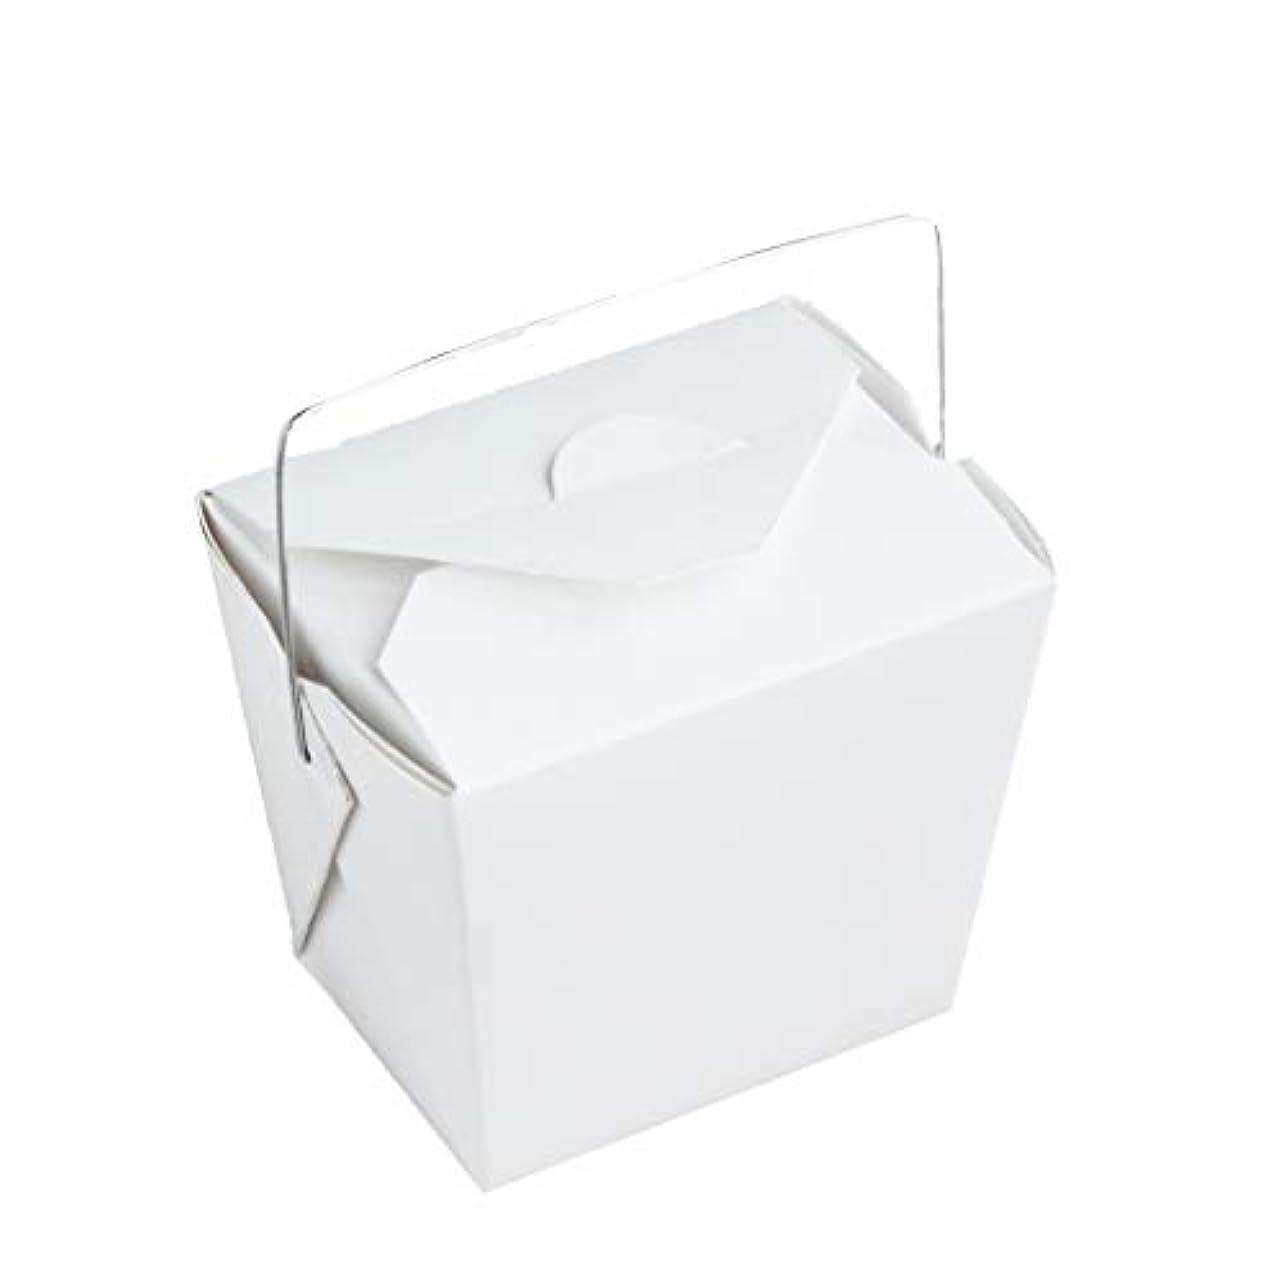 平らな公演塩手作り石けん用 ワイヤー取っ手付きホワイトペーパー型 10個